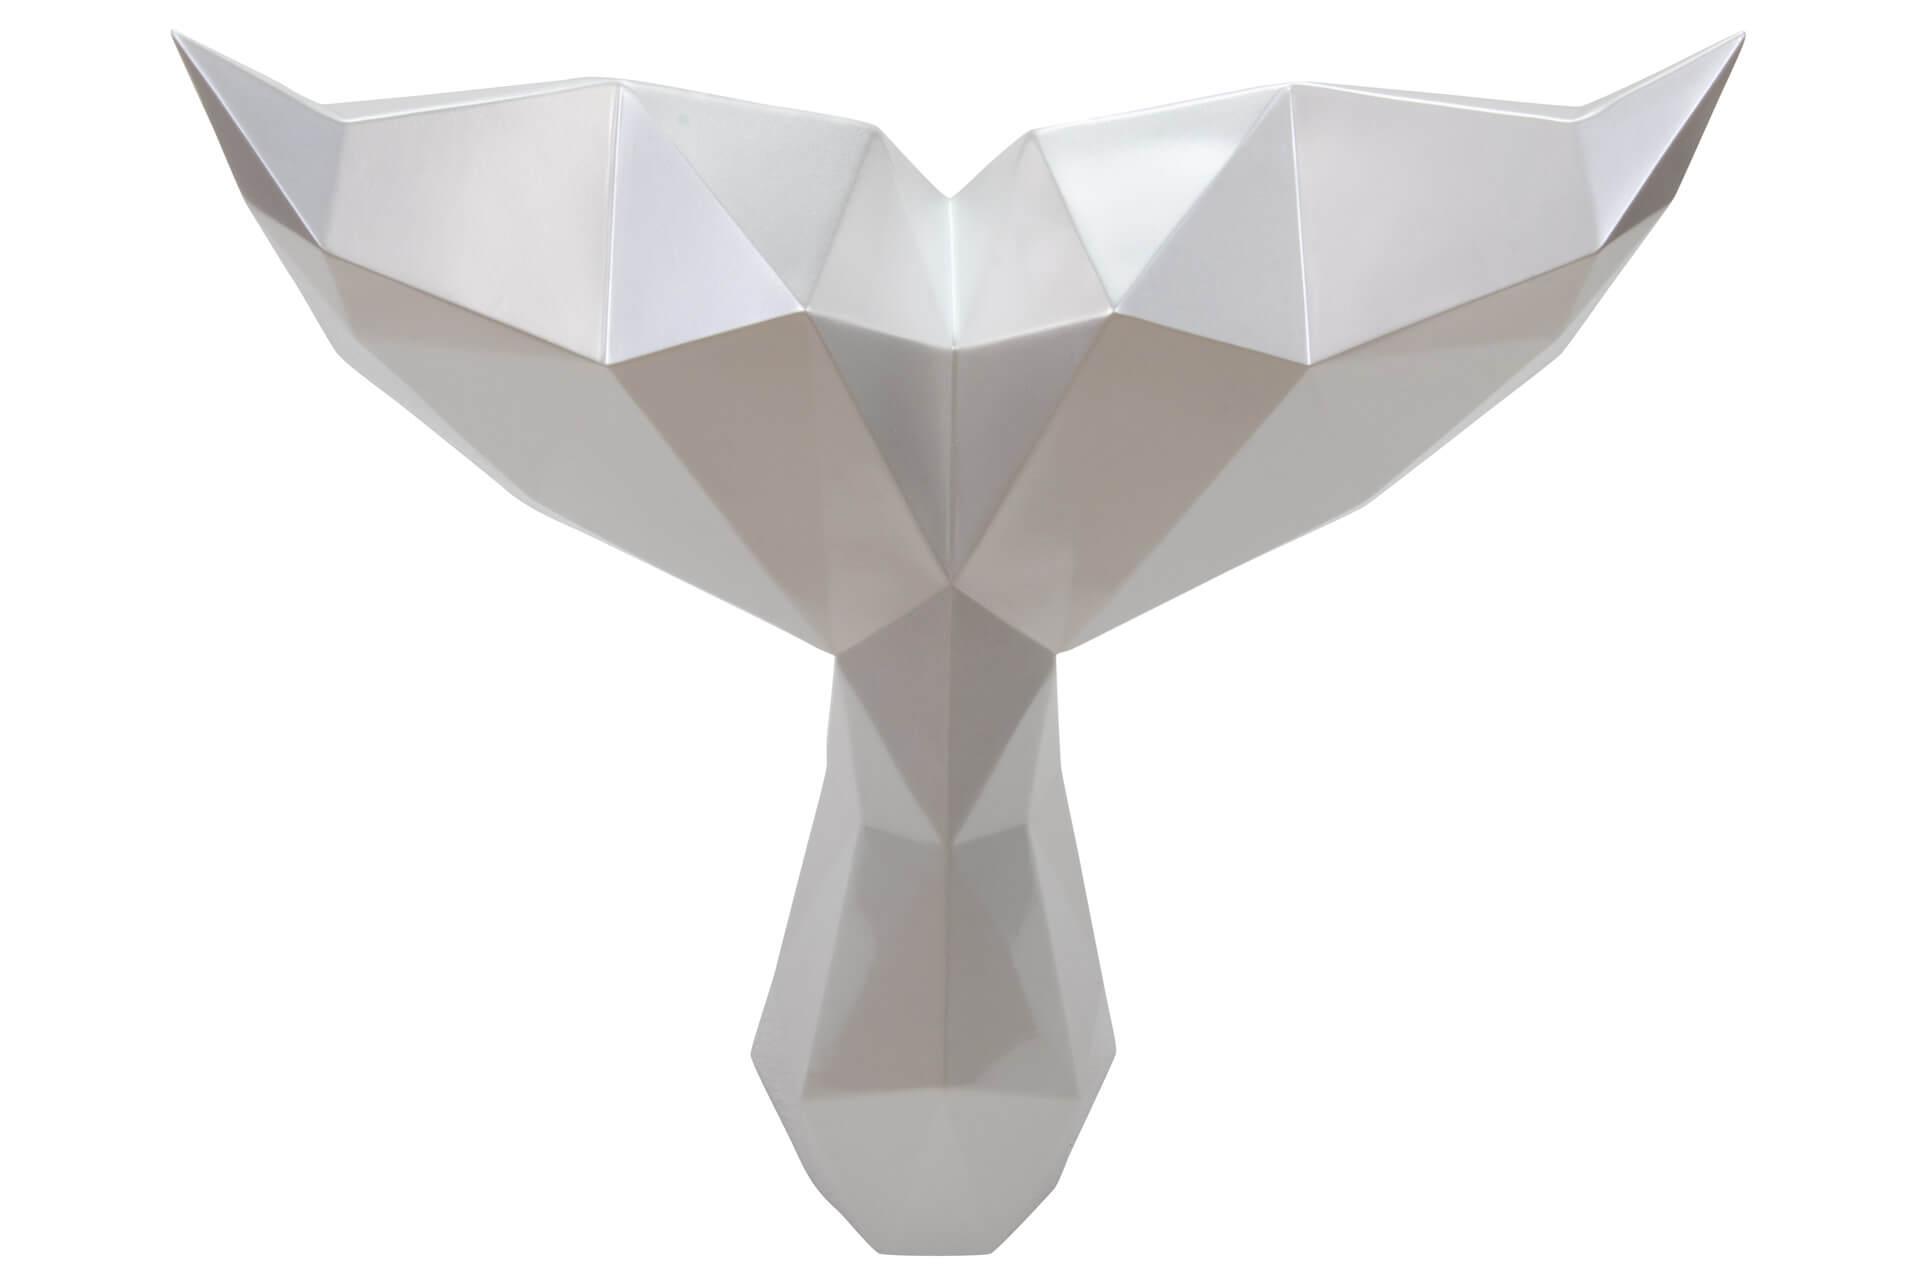 KL wal flosse deko weiss skulptur statue aus stein figur plastik 01